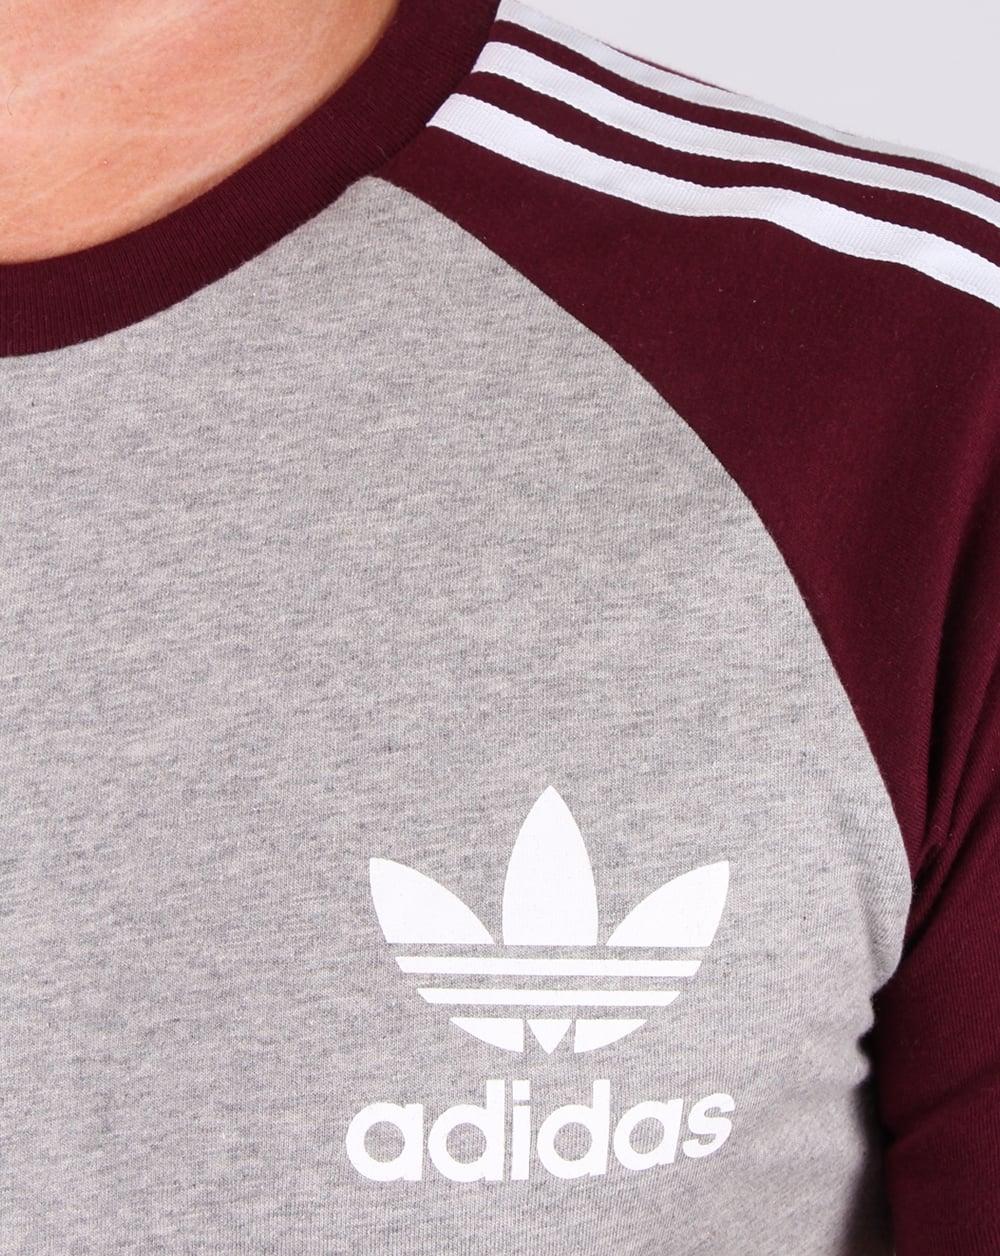 1d993c75e7 Adidas Originals Retro 3 Stripes T-shirt Light Grey/maroon, Men's, Tee